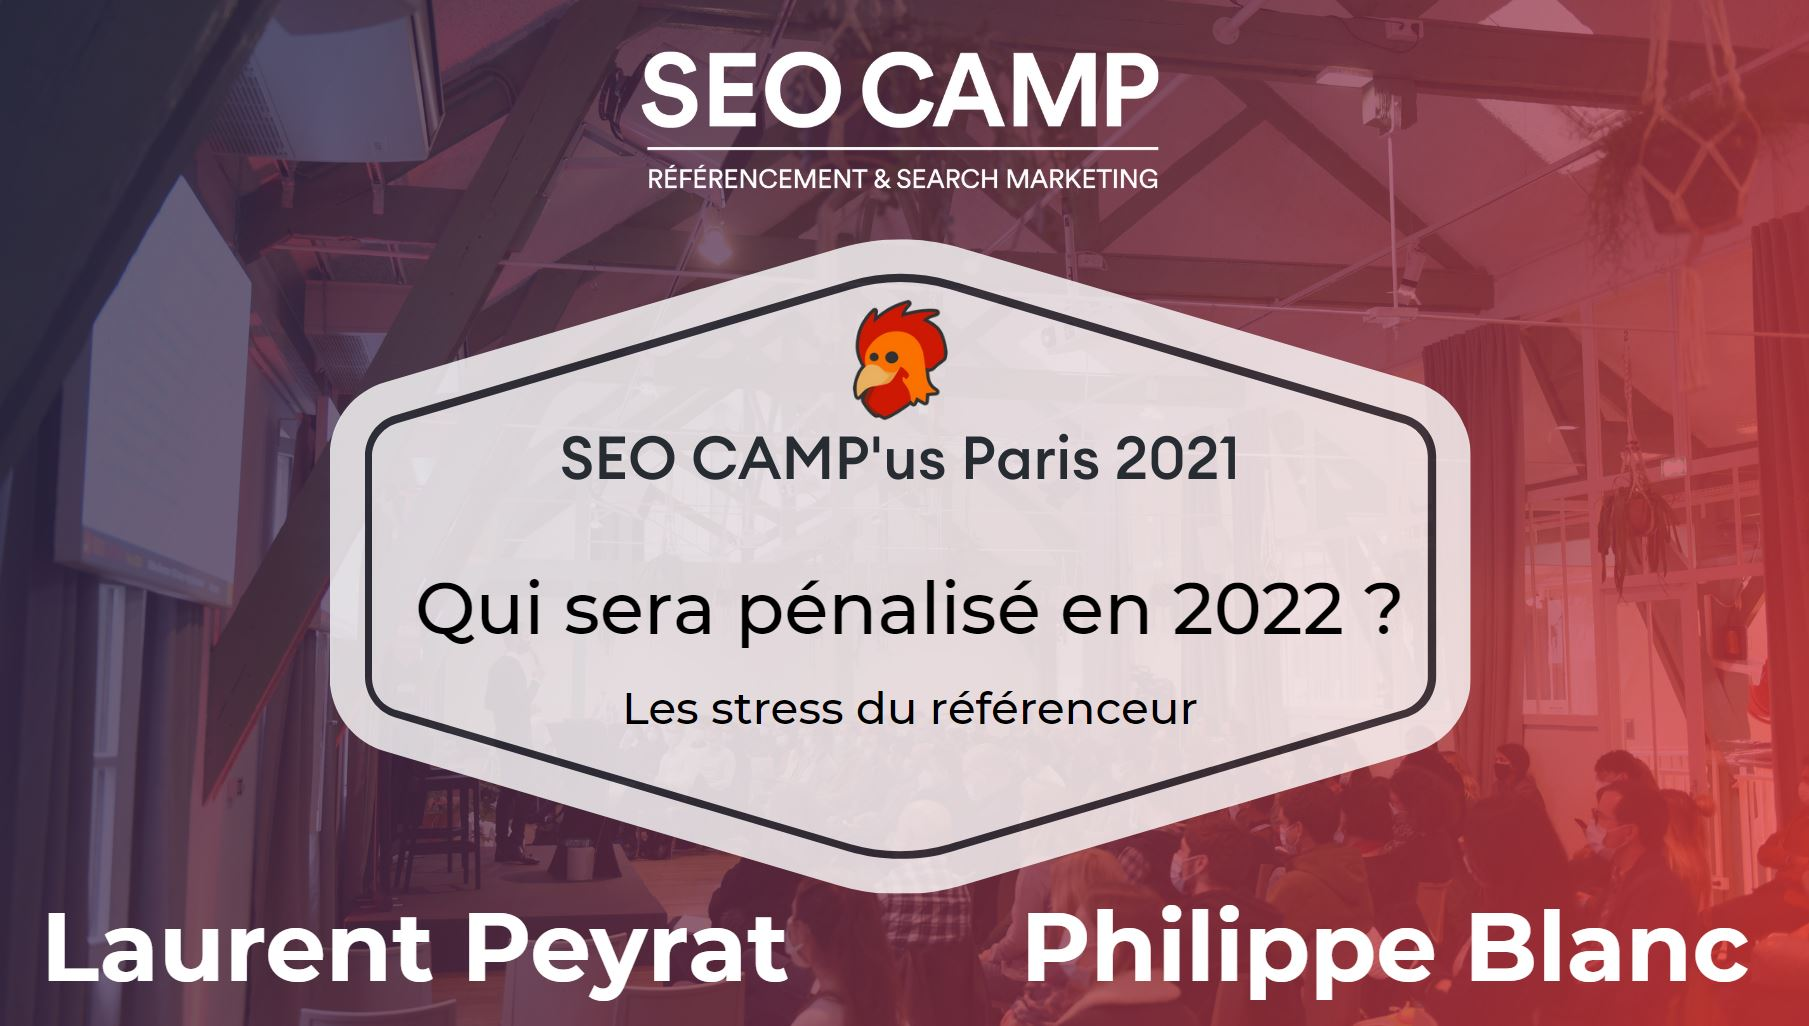 """SEO CAMP'us Paris 2021 : les slides de la conférence """"Qui sera pénalisé ?"""""""